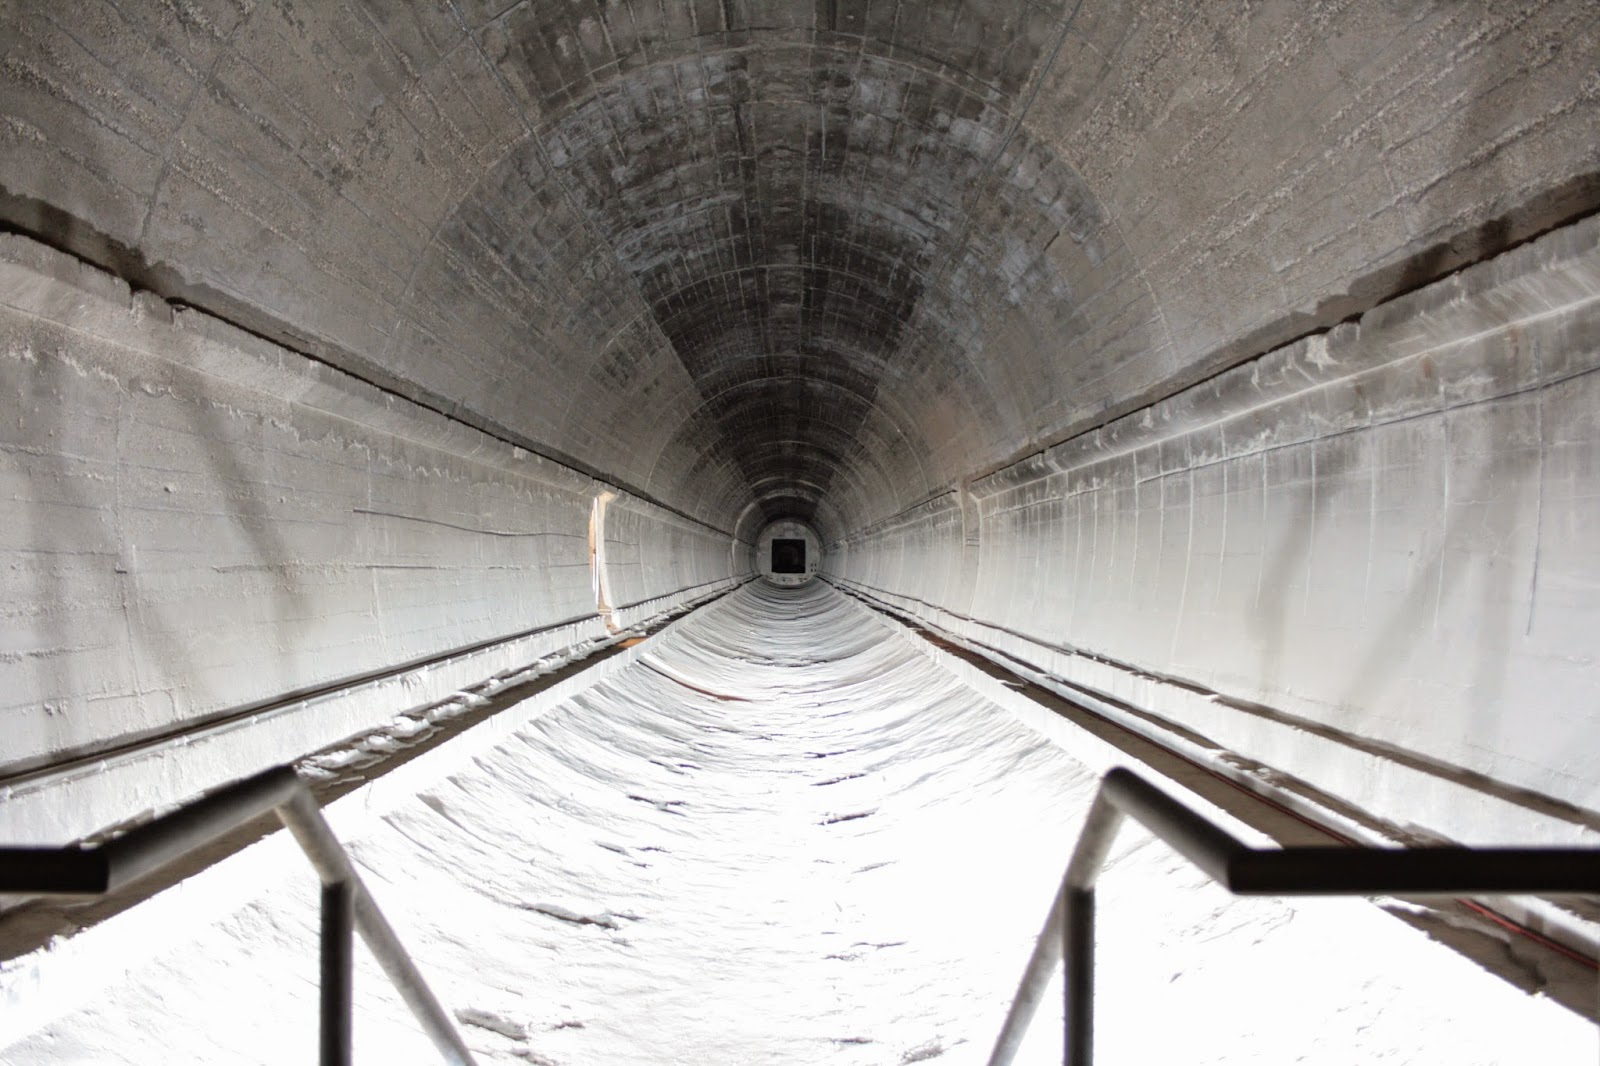 Dokumentationsstätte Regierungsstation Ahrweiler - Zurückgebauter Tunnel